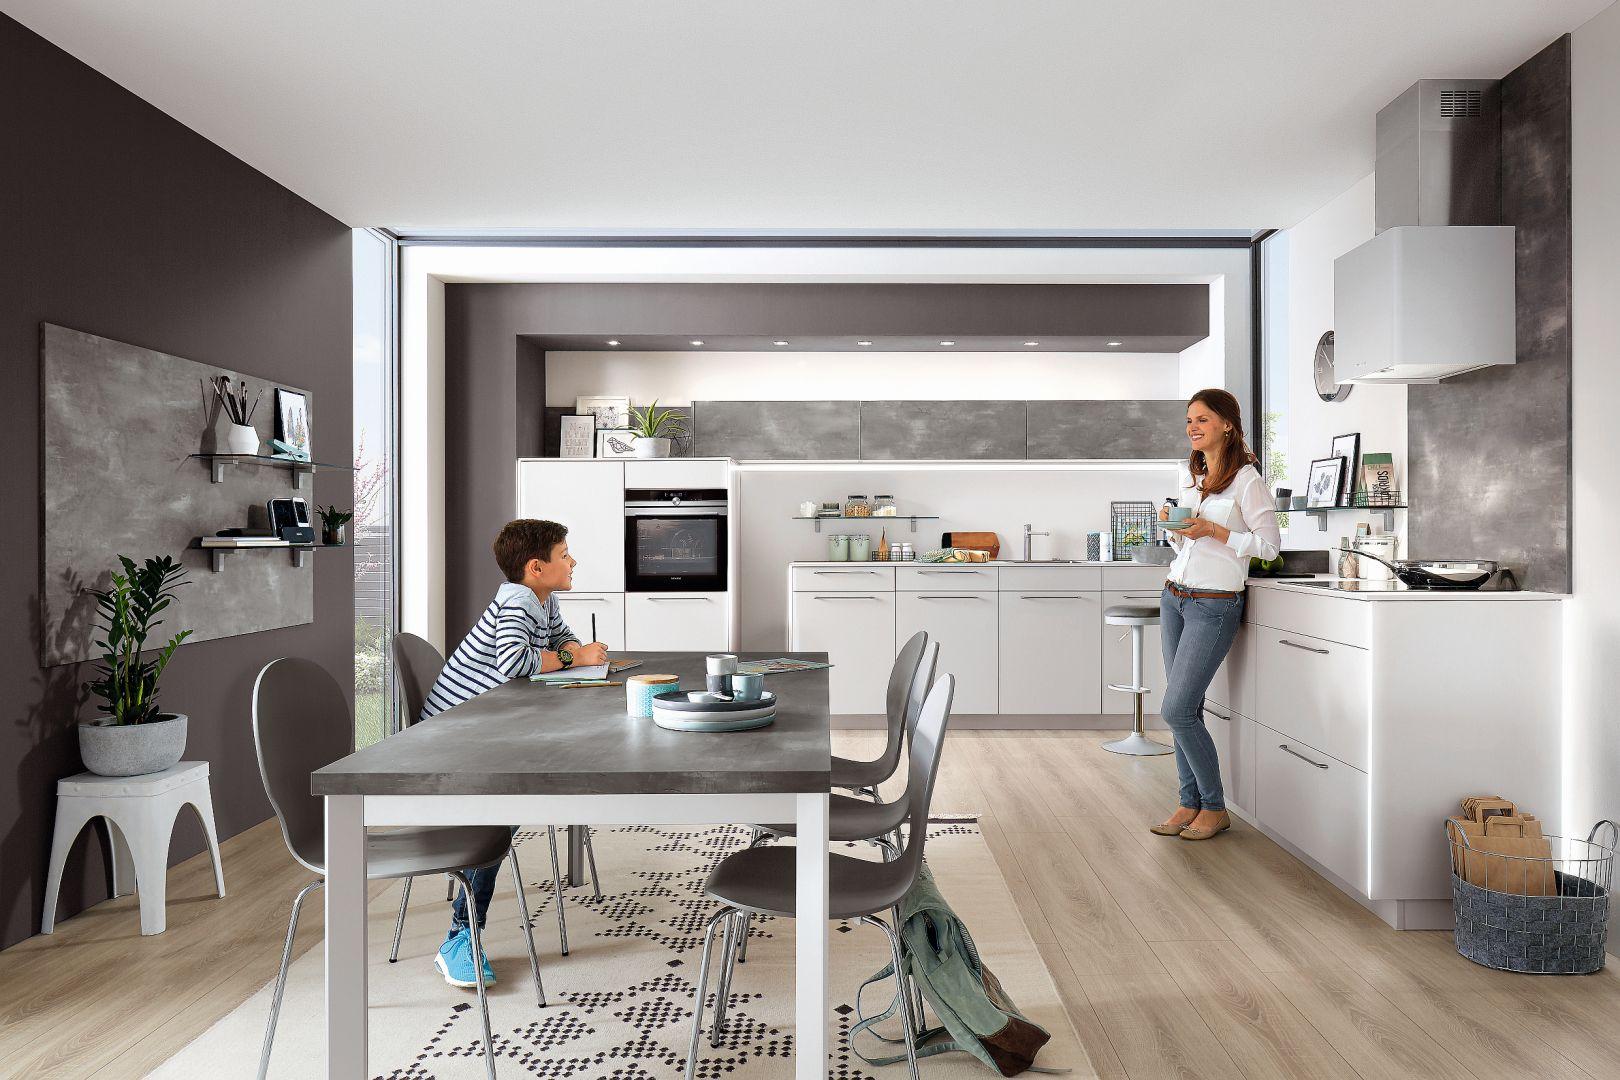 Fashion171 – gładkie lakierowane fronty w połączeniu z ciekawymi uchwytami, dodatkami i funkcjonalnym sprzętem AGD tworzą nowoczesną zabudowę kuchenną. Fot. Verle Küchen